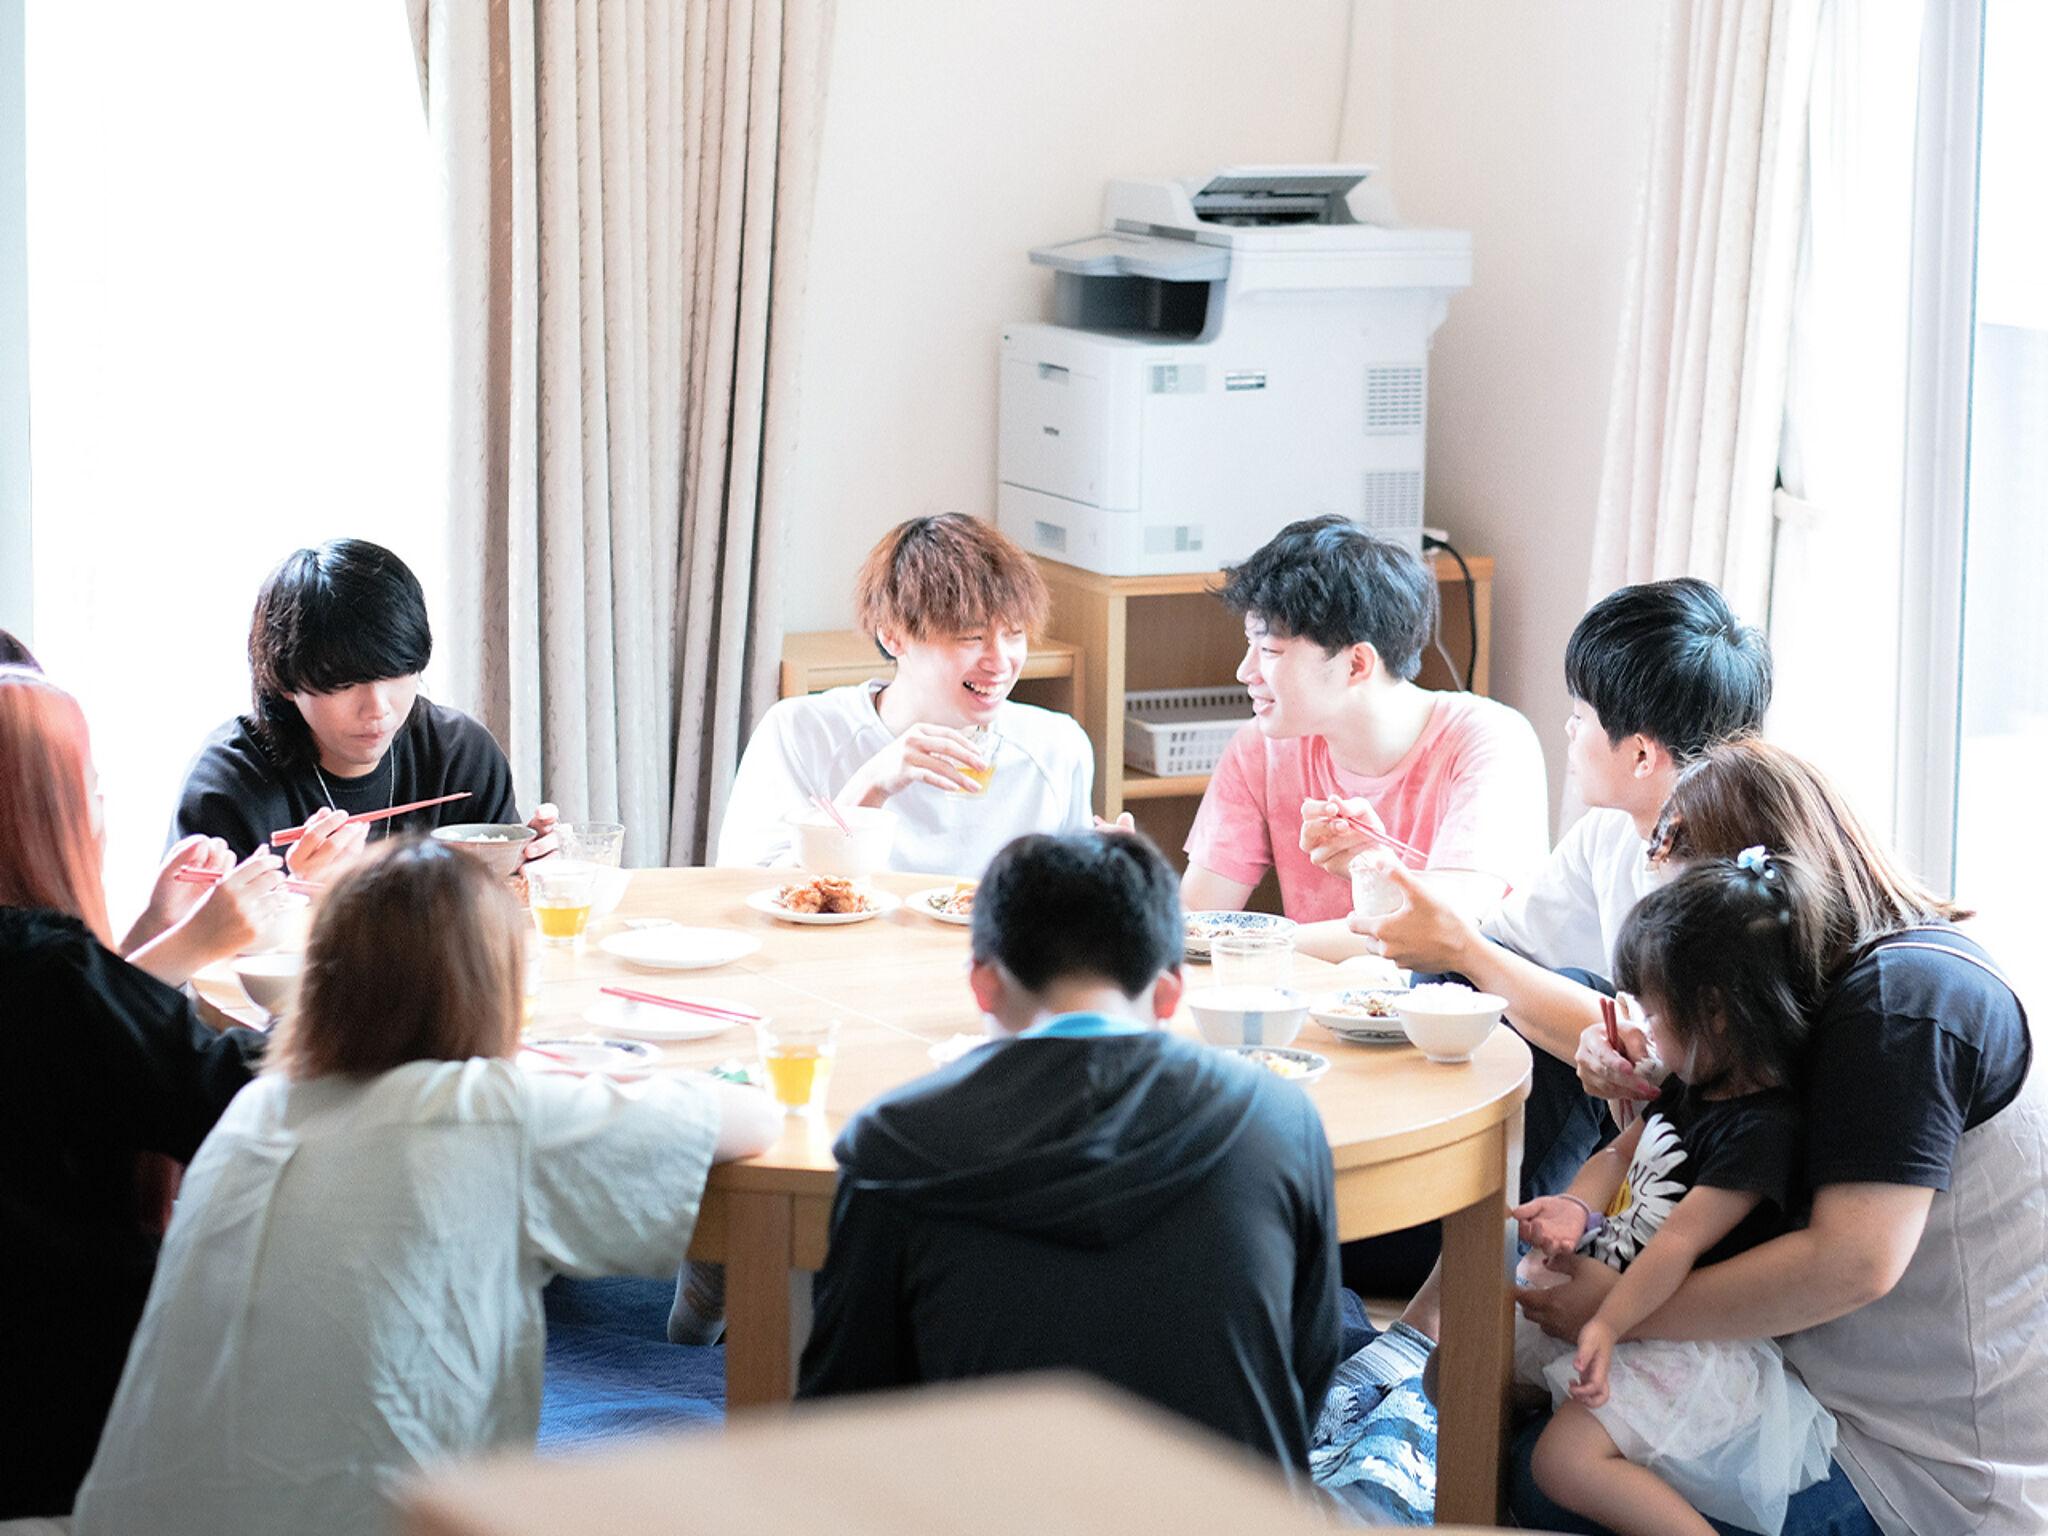 子どもたちがテーブルを囲んで談笑する様子の画像